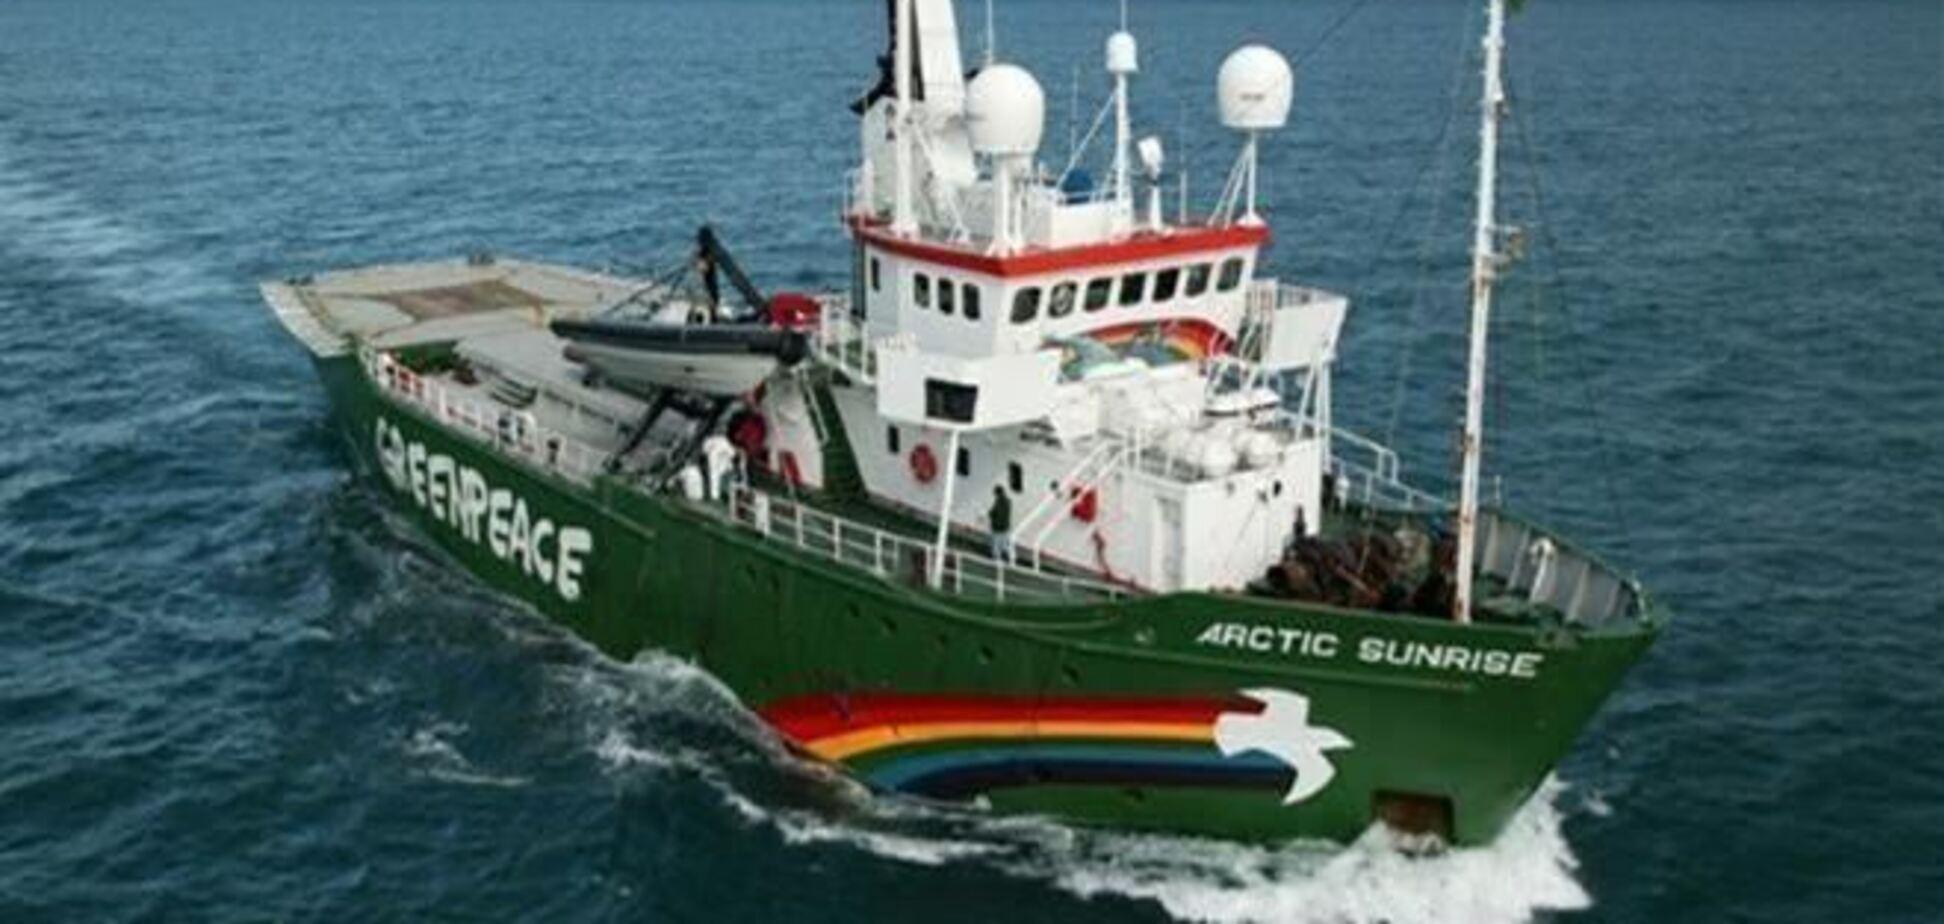 Суд звільнив першого з іноземних членів екіпажу Arctic Sunrise